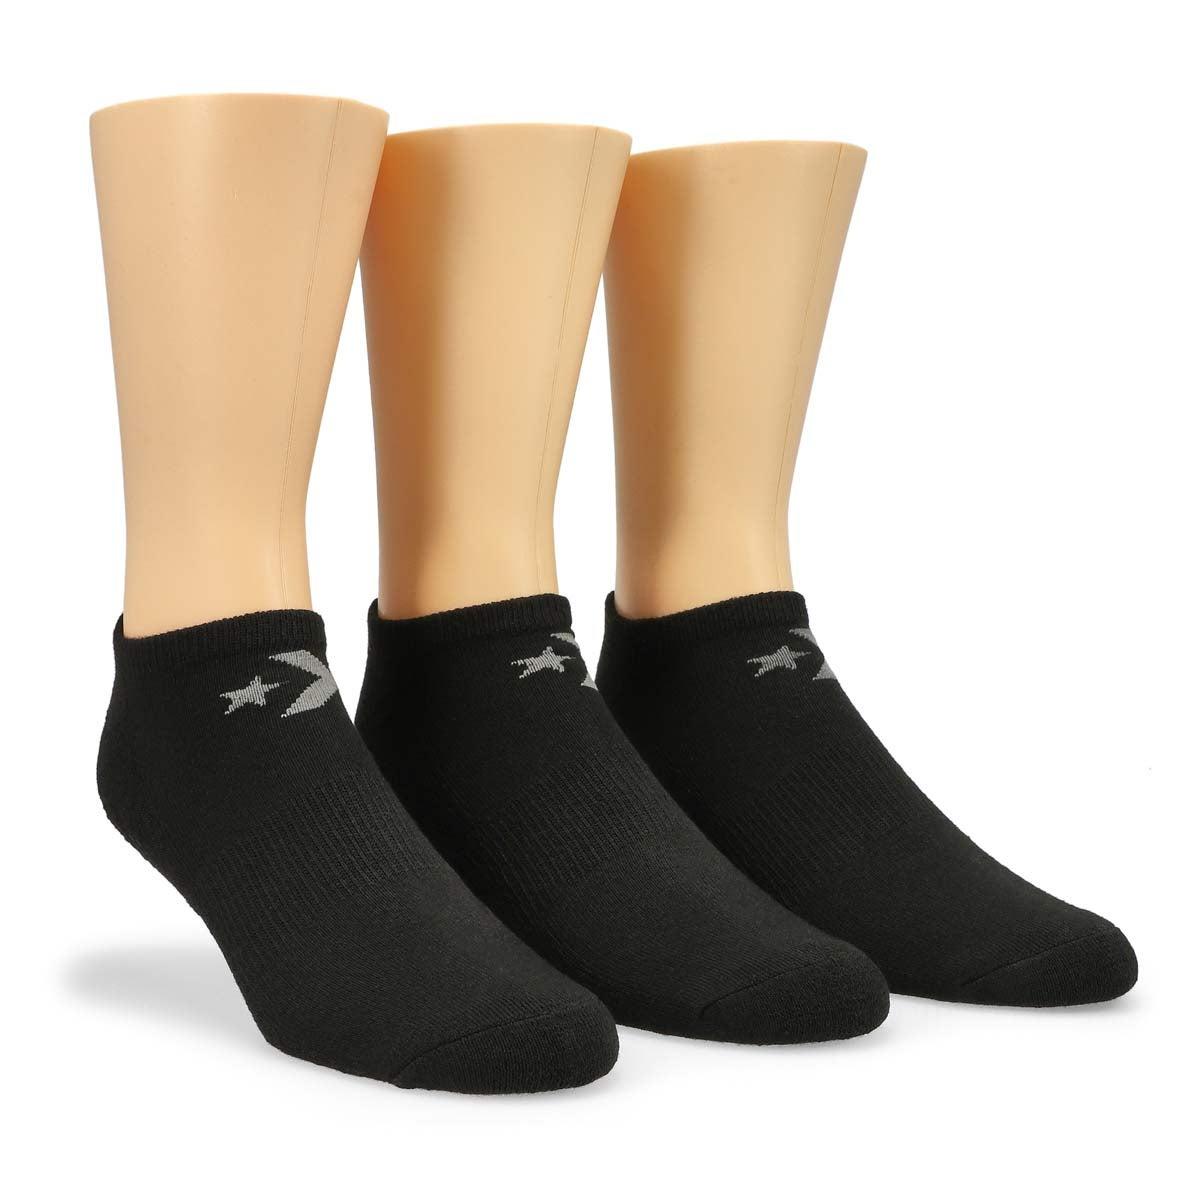 Men's CONVERSE black/grey no show socks - 3 pack